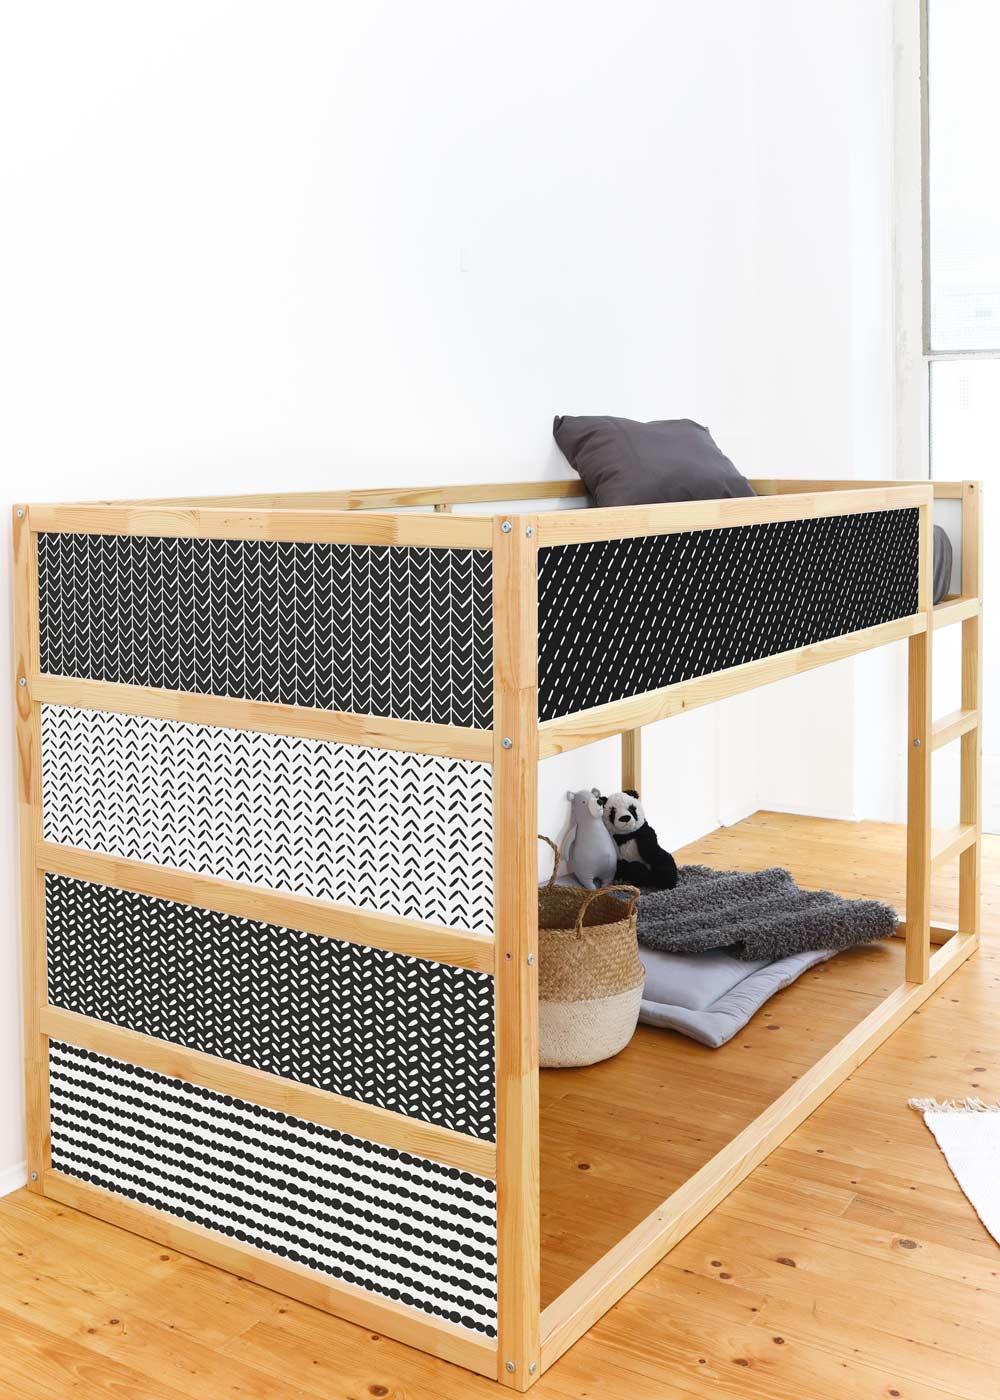 Ikea Kuras Hochbett Musta schwarz Seitenansicht